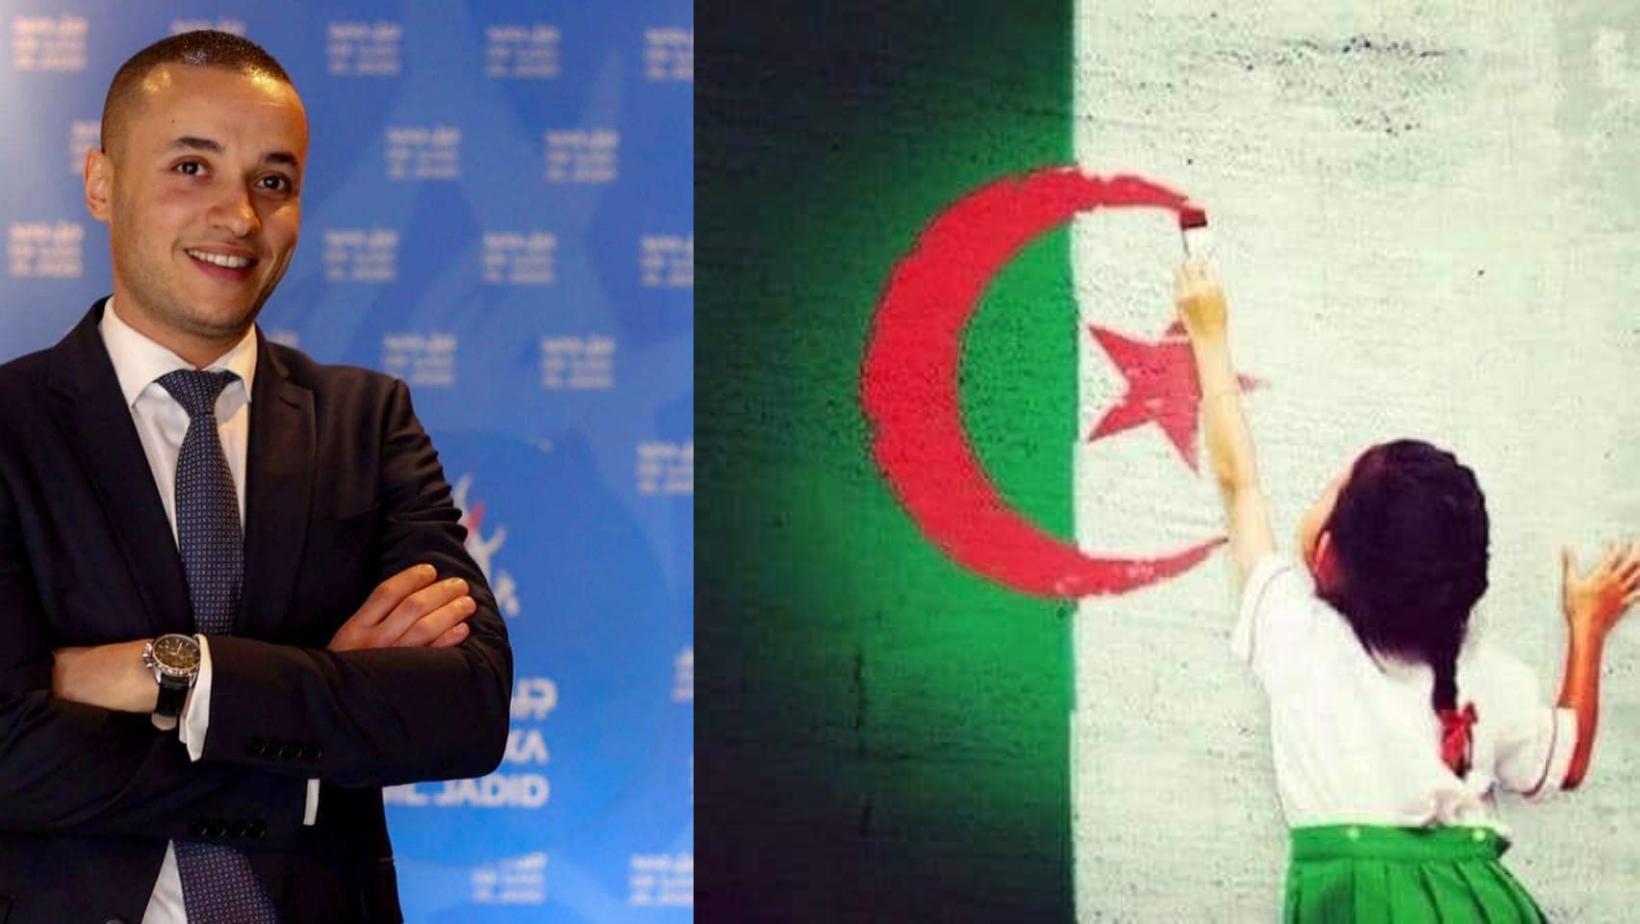 ملف الذاكرة رهينة بين الأجندات السياسوية في فرنساو تجار  الشرعية الثورية في الجزائر!